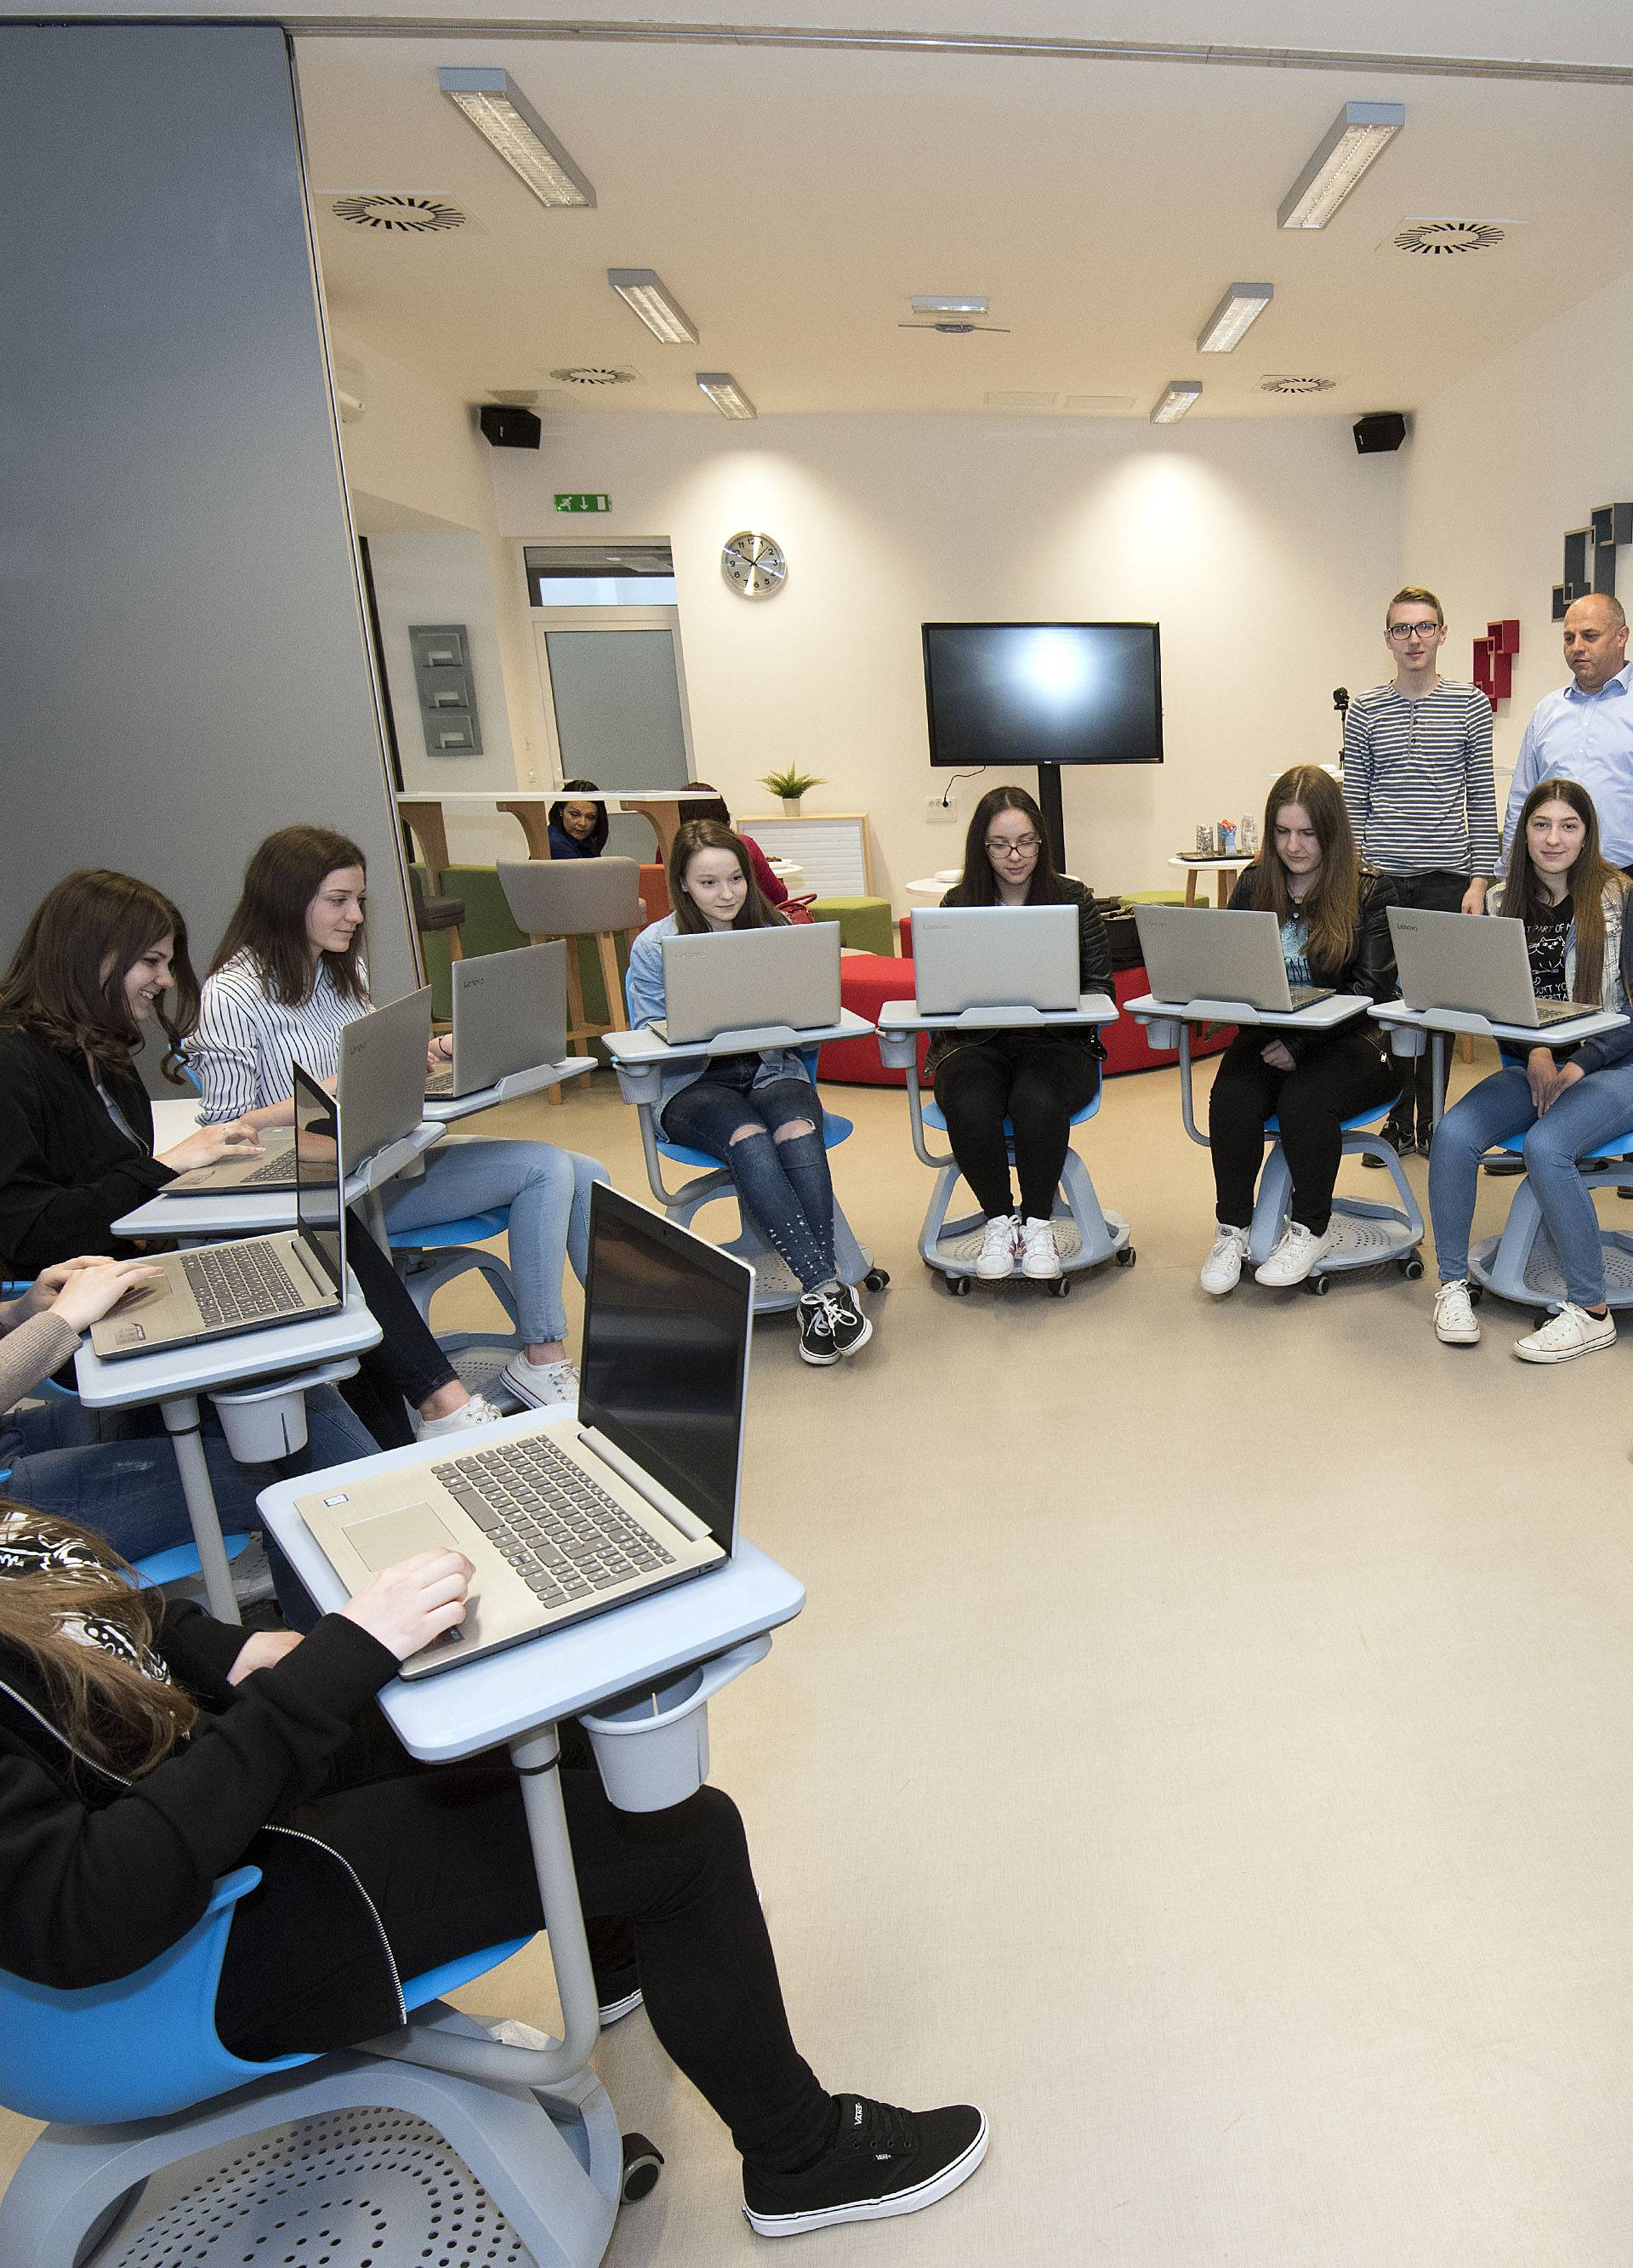 Učionica budućnosti u Ivancu: Uče uz 3D printer, VR i robote